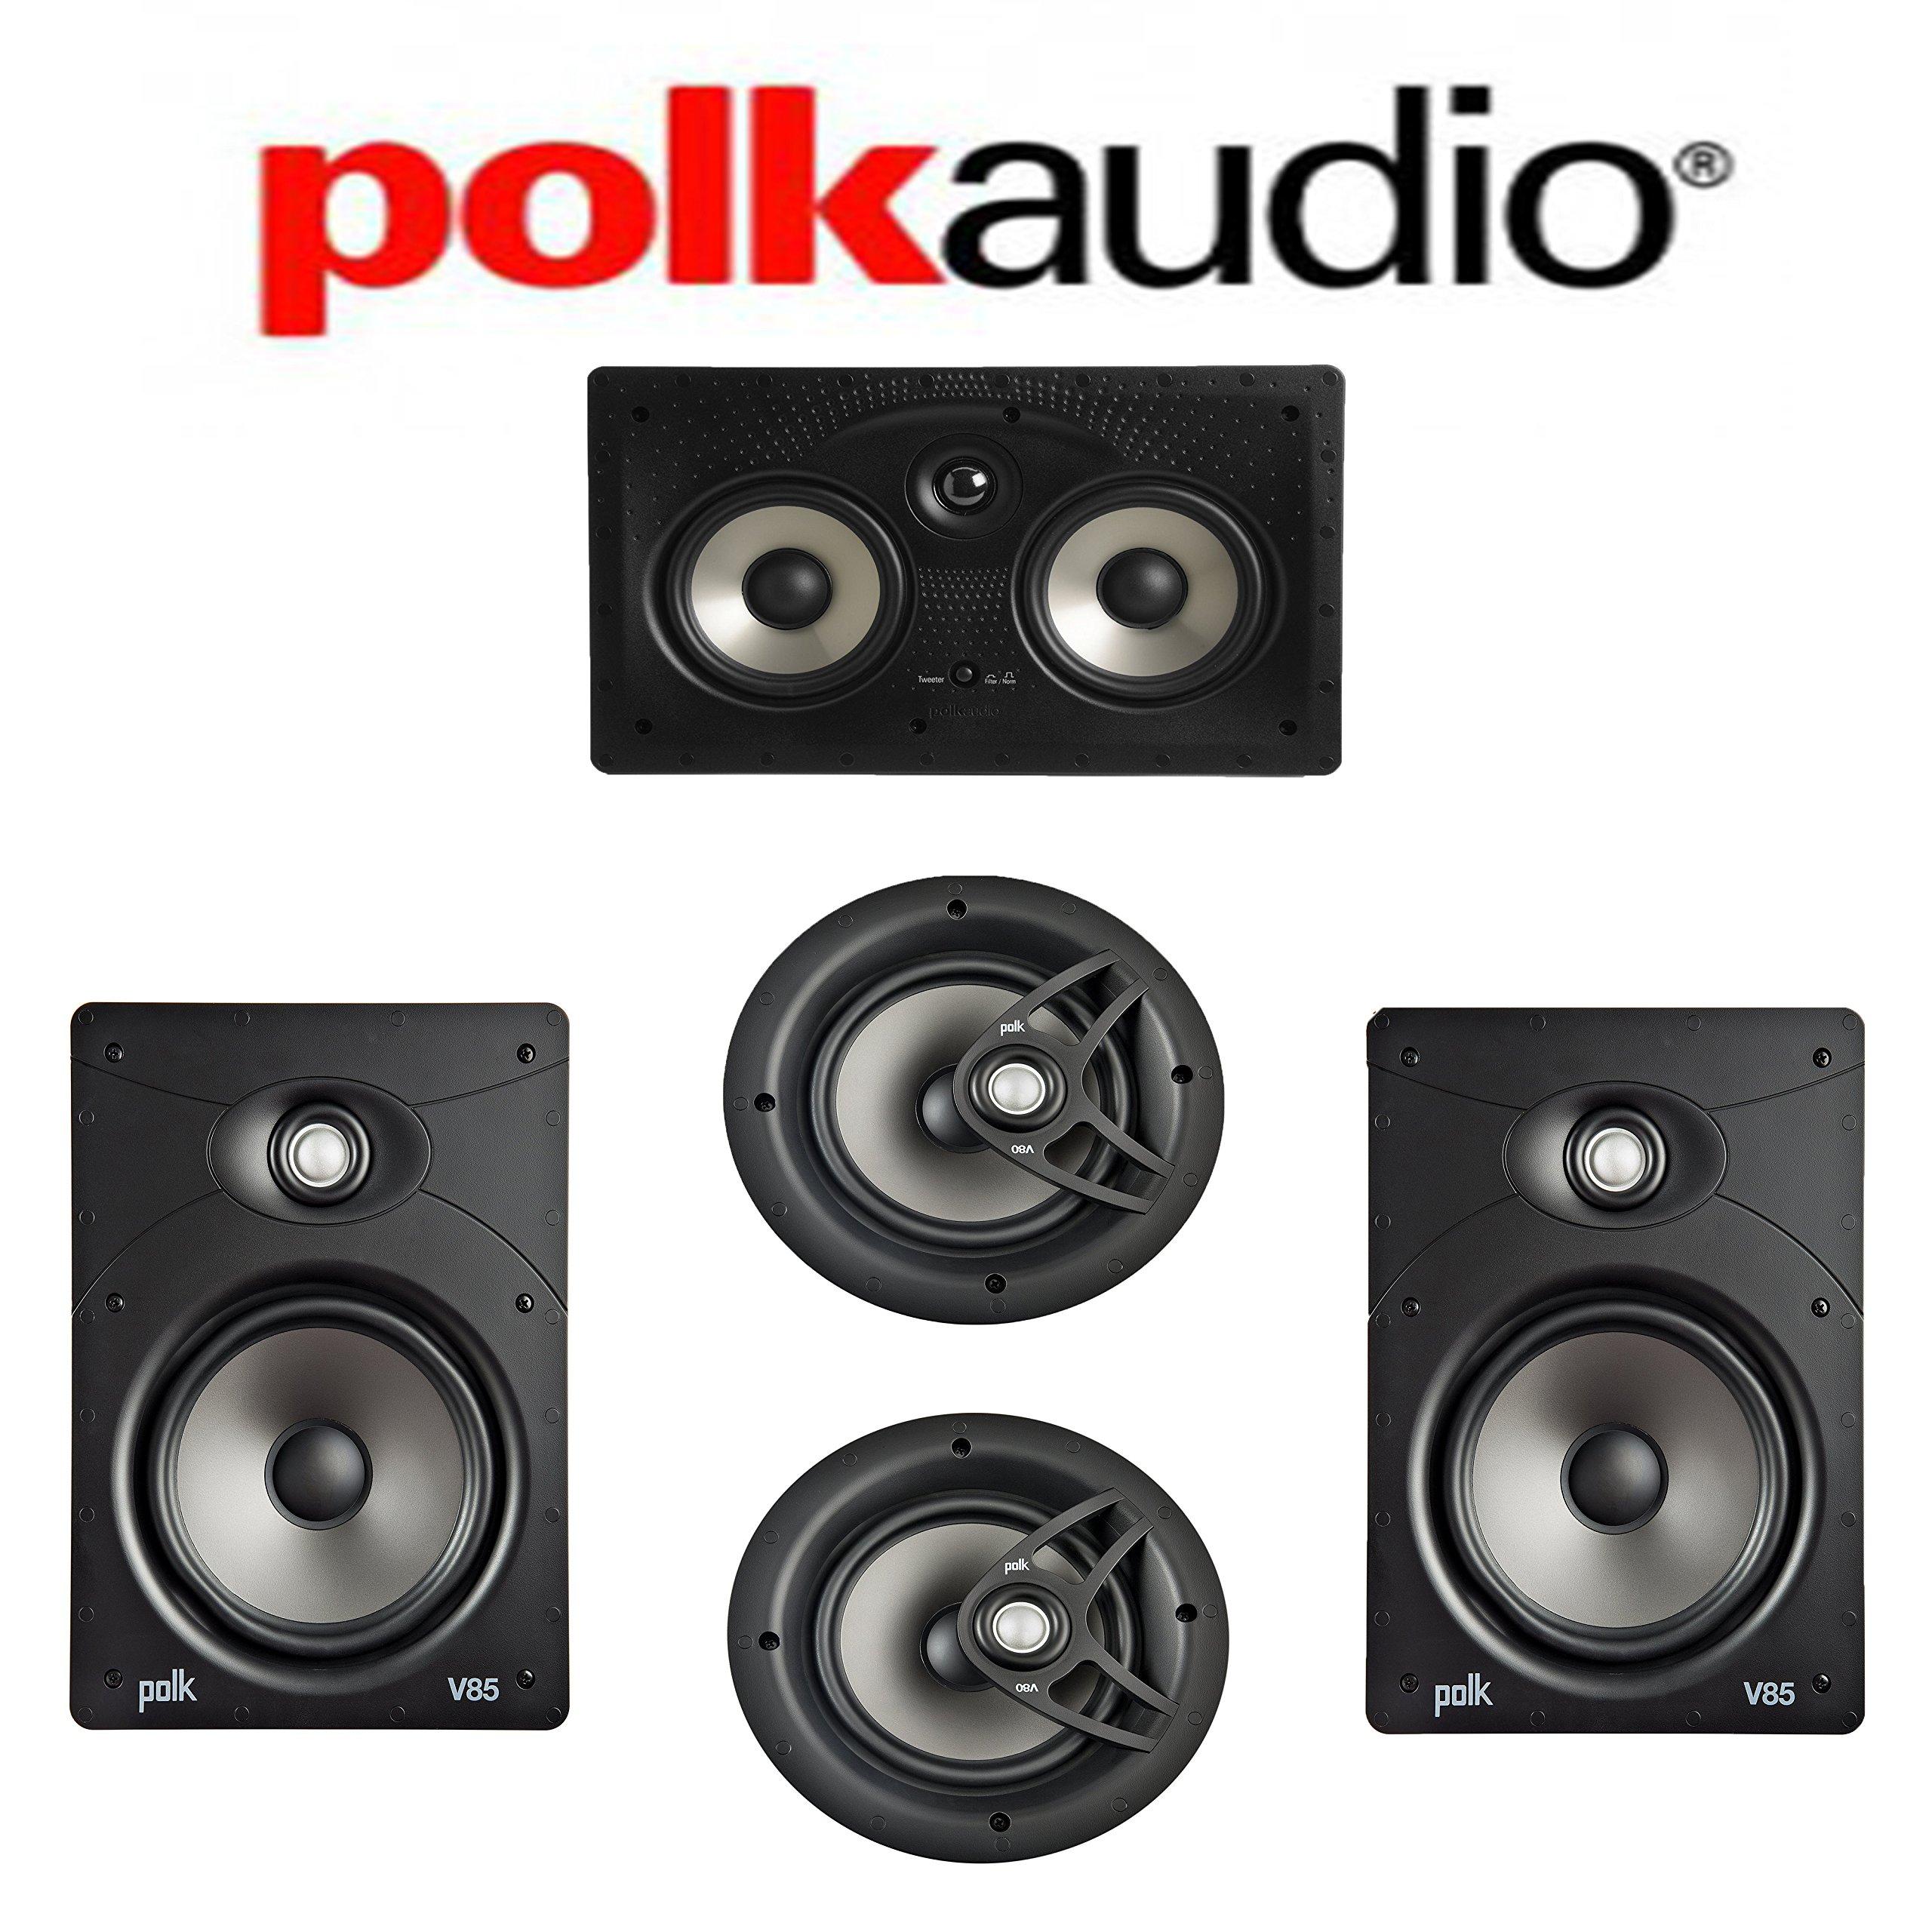 Polk Audio V85 Vanishing Series 5.0 In-Wall / In-Ceiling Home Theater System (V85 + V80 + 255C-RT)